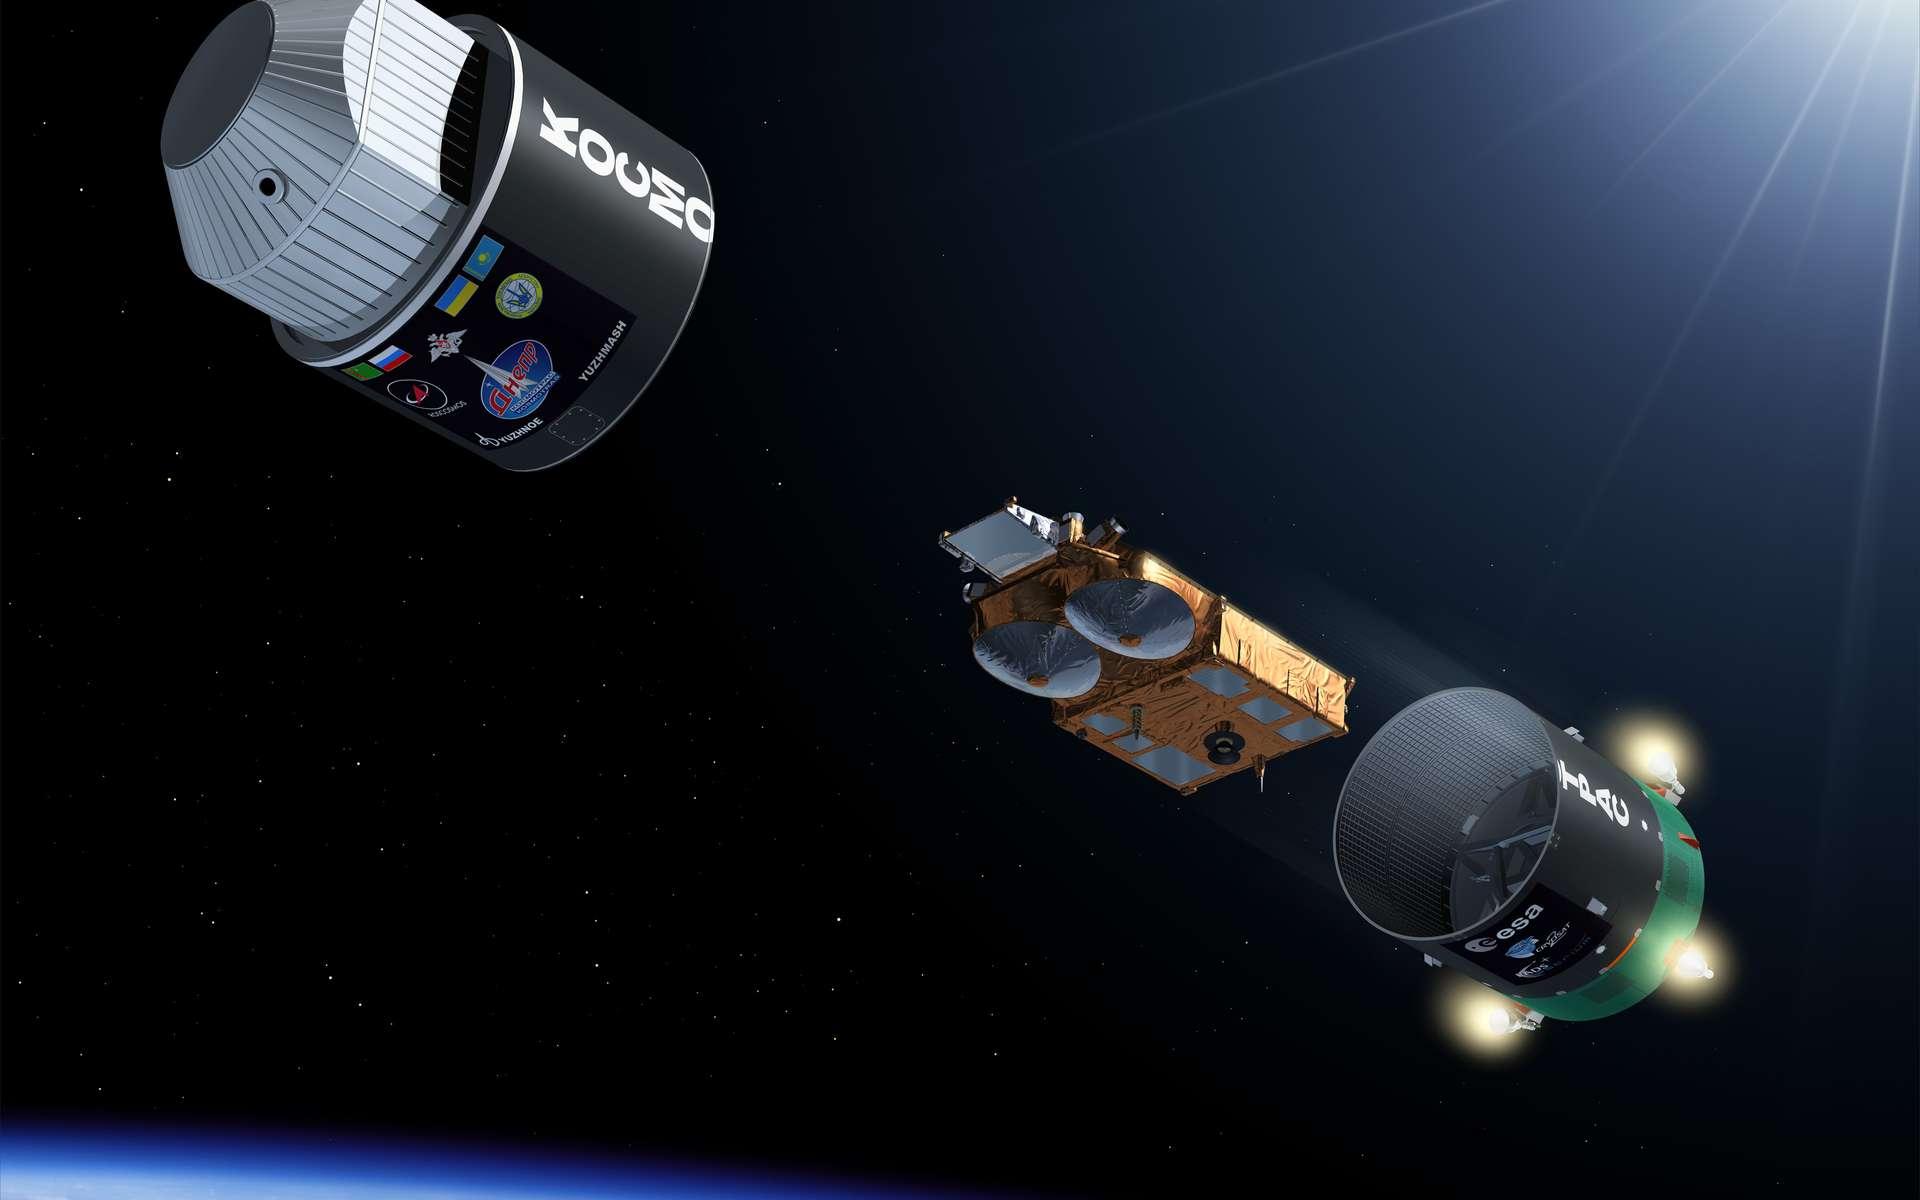 Une image de synthèse montrant le largage du satellite Cryosat-2 par le dernier étage du lanceur Dnepr. © Esa / P. Carril